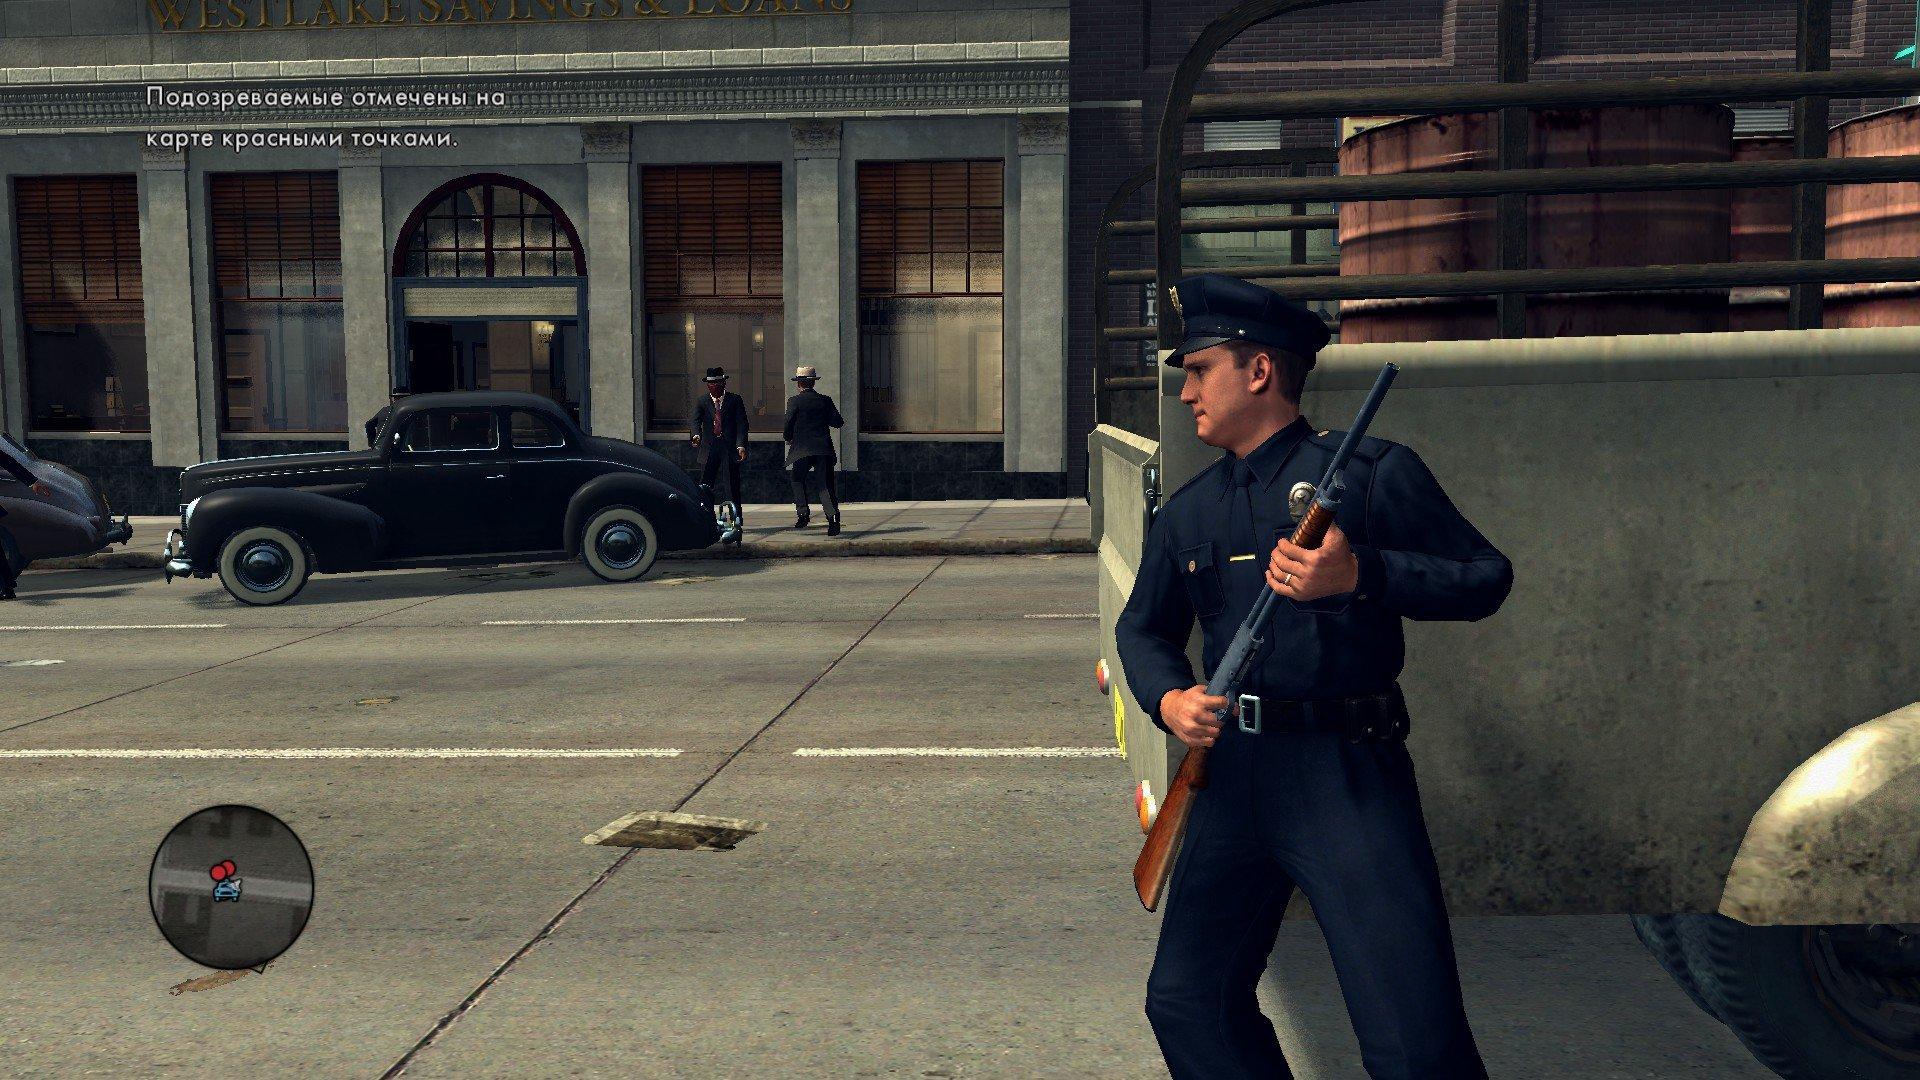 Пост-прохождение L.A. Noire Часть 1 НАЧАЛО!!!. - Изображение 27